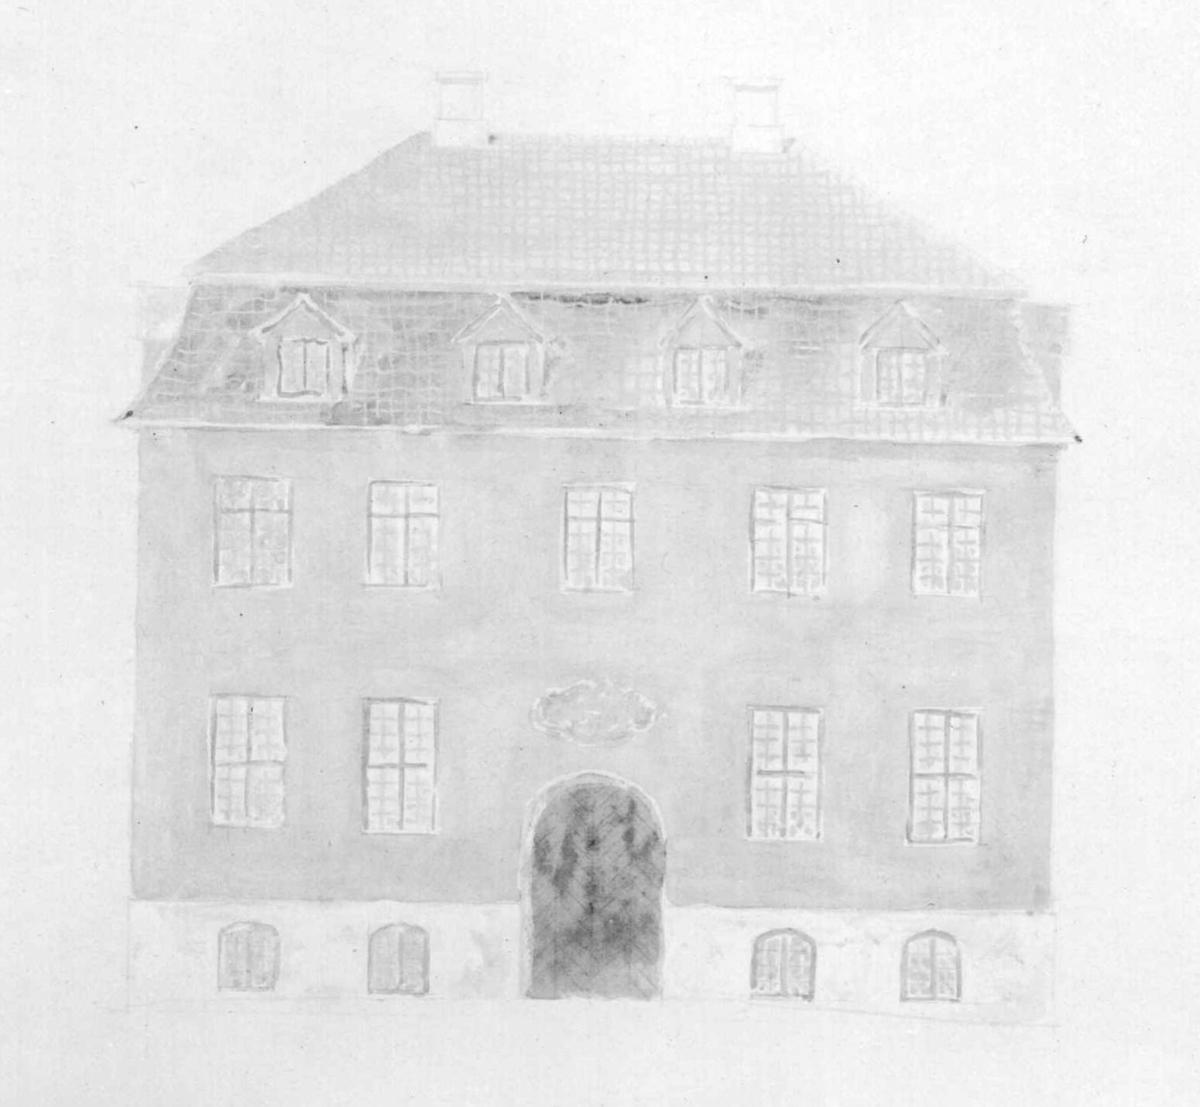 Utkast til nybygg på Norsk Folkemuseum. Ide av Hans Aall, tegnet av Dicta Haslund.